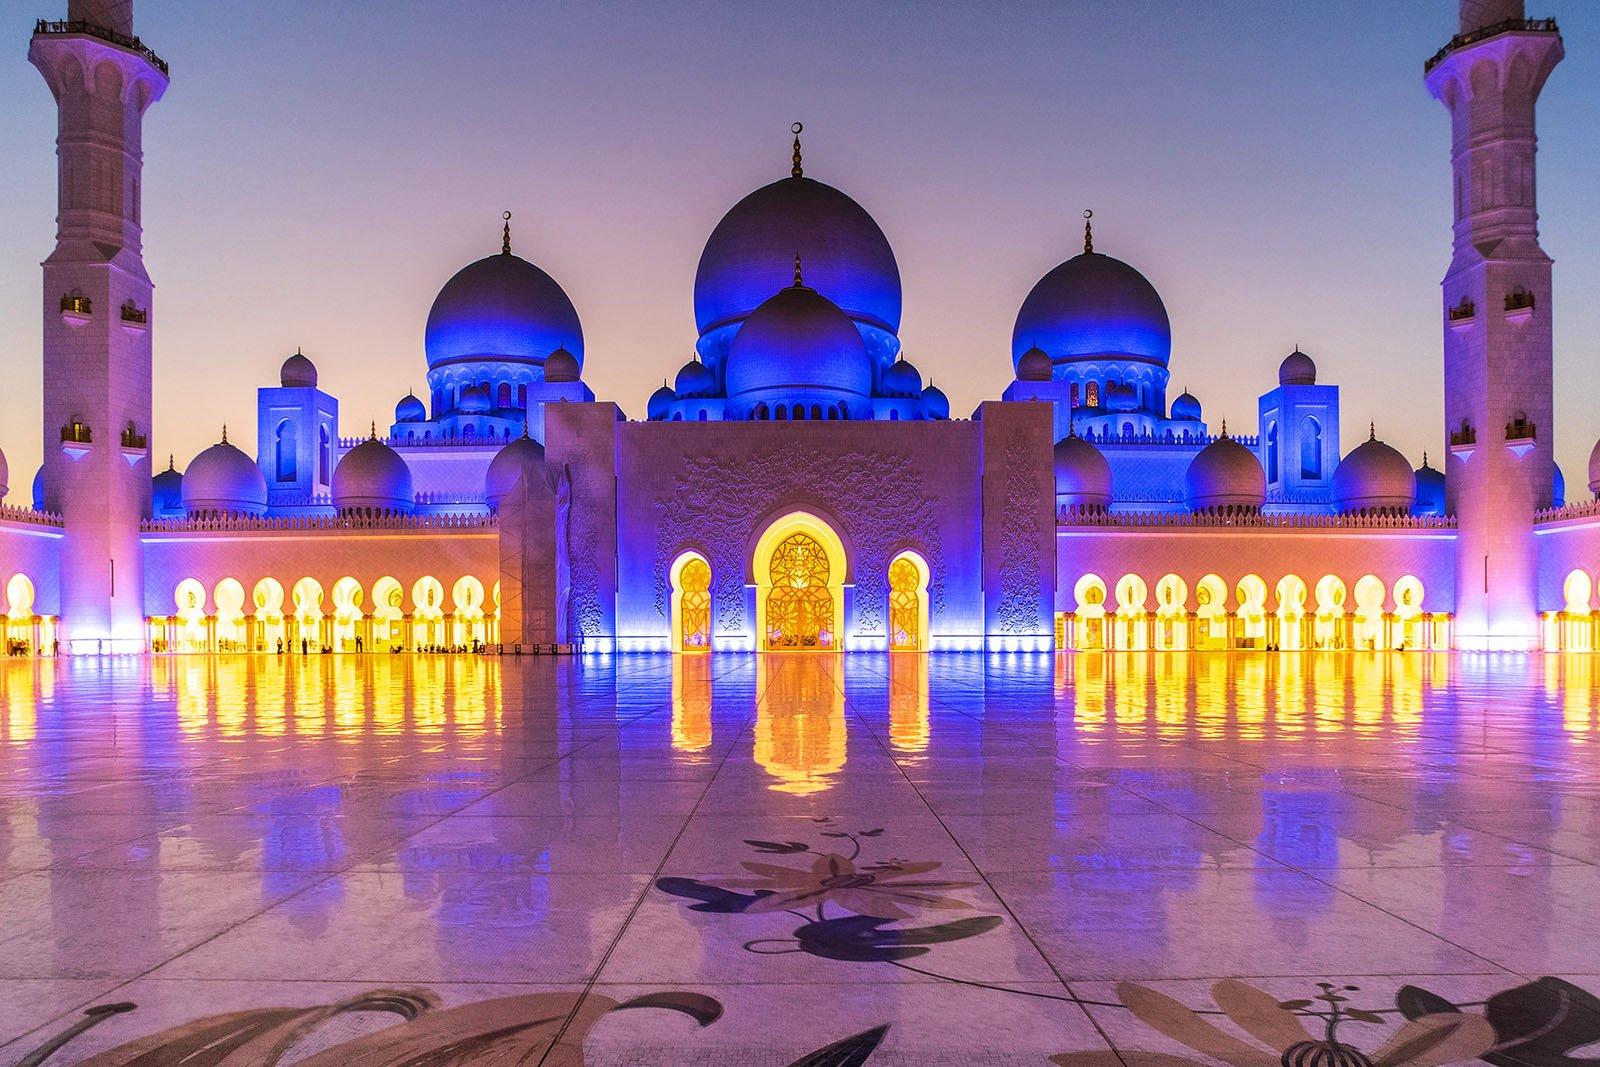 Фотографии мечетей мира хорошем качестве хотела собрать